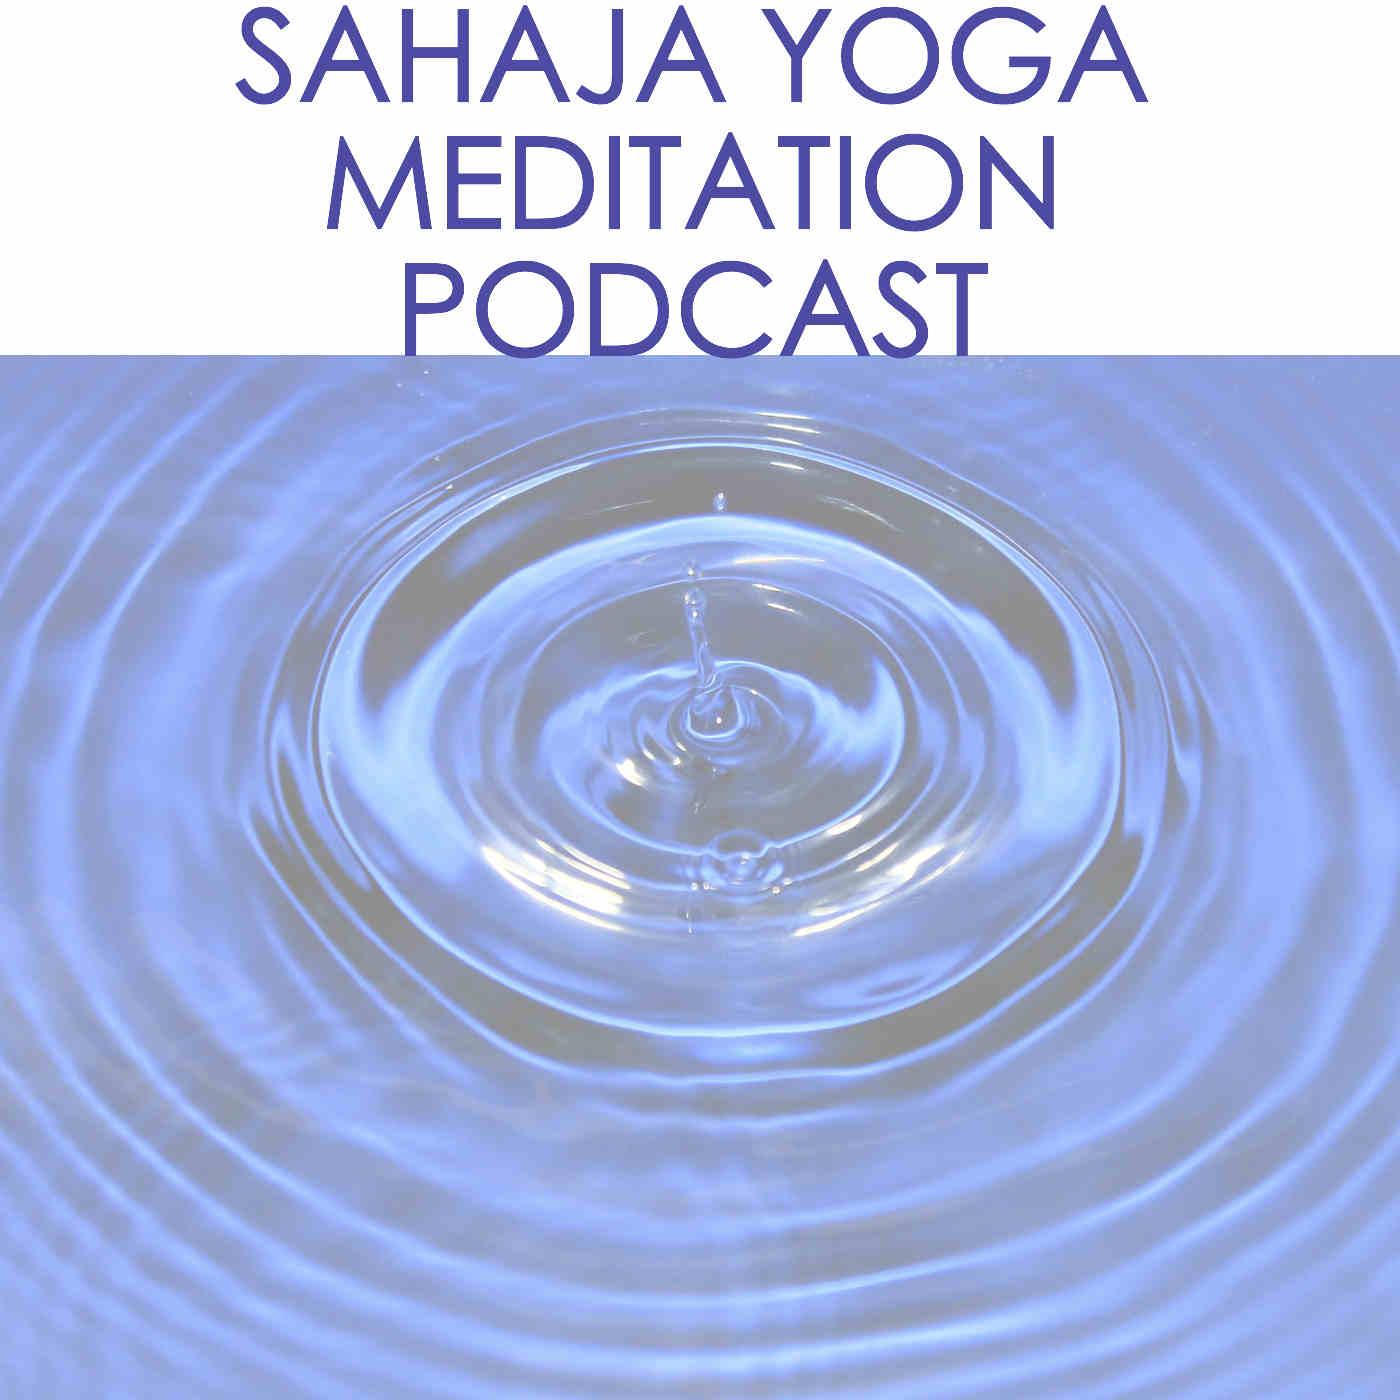 Sahaja Yoga Podcast - Since 2009!